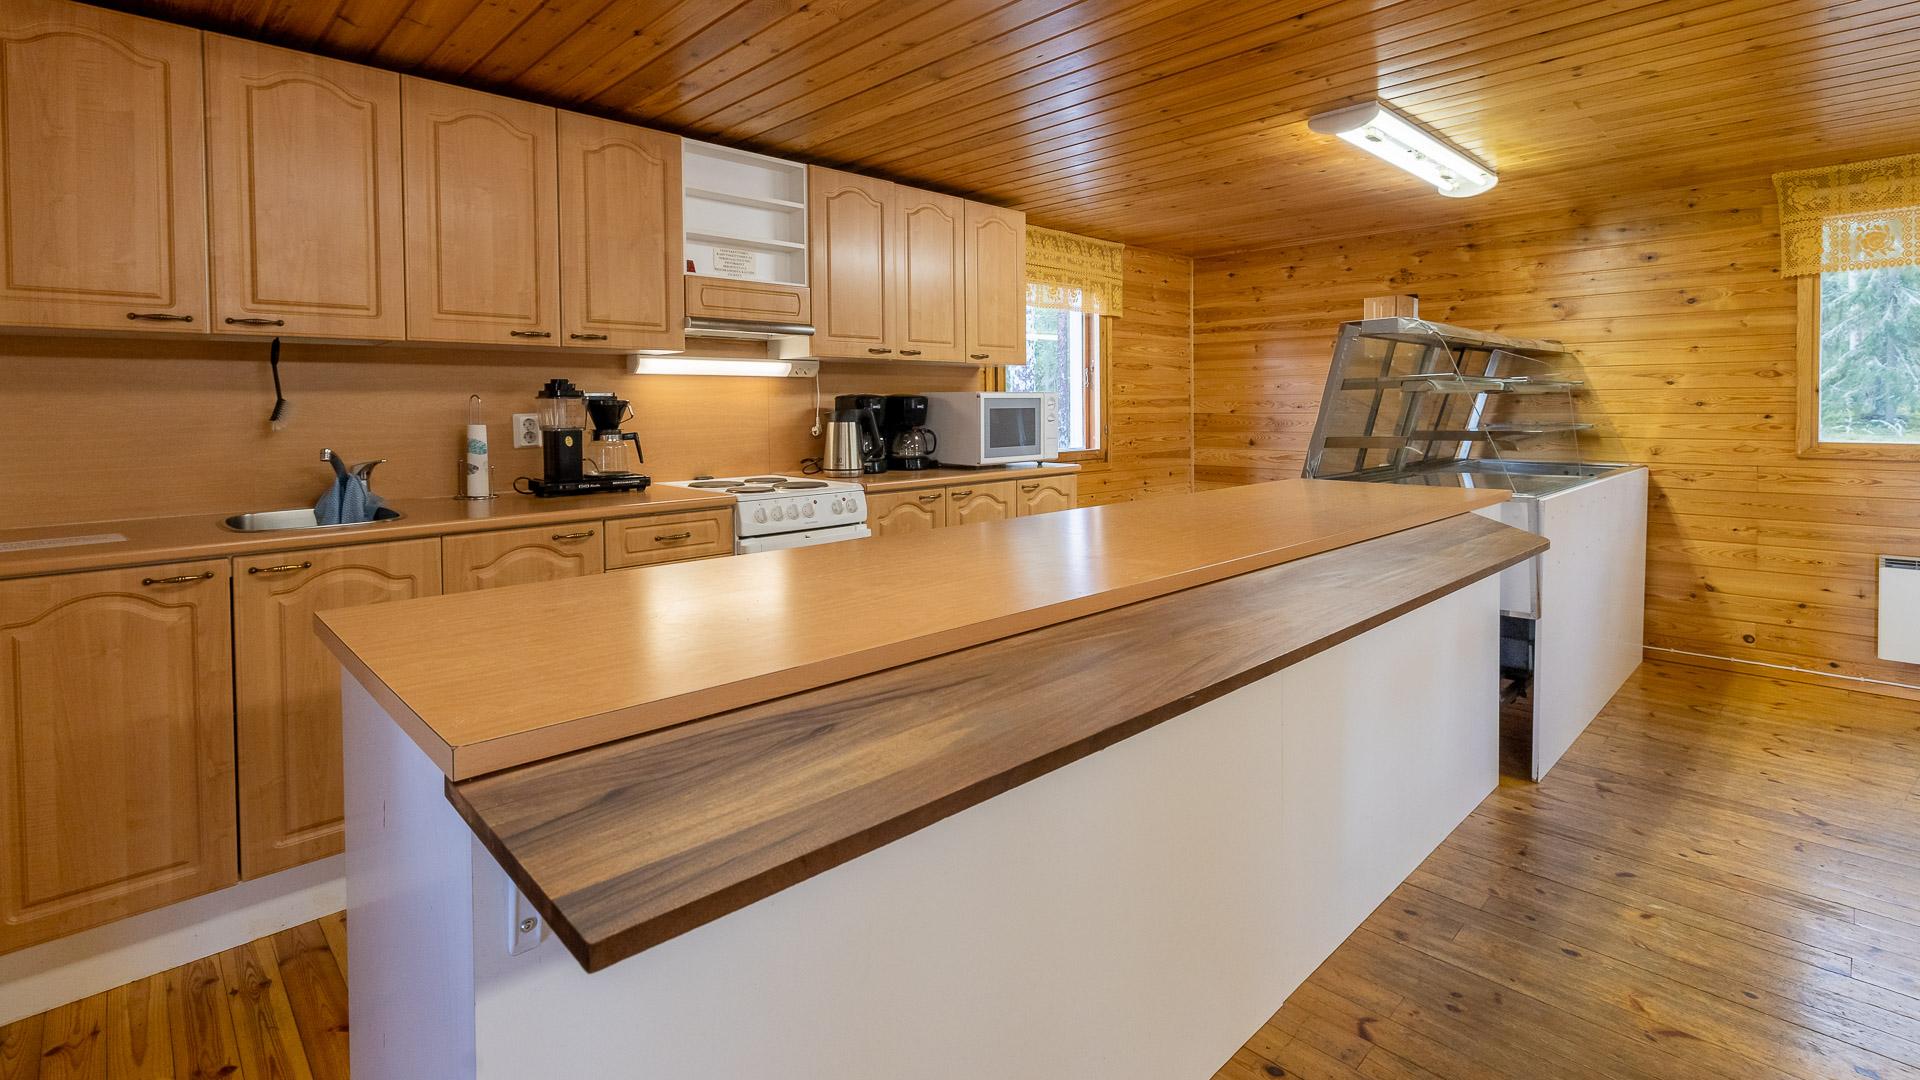 Niinimaja keittiö Jämijärvi